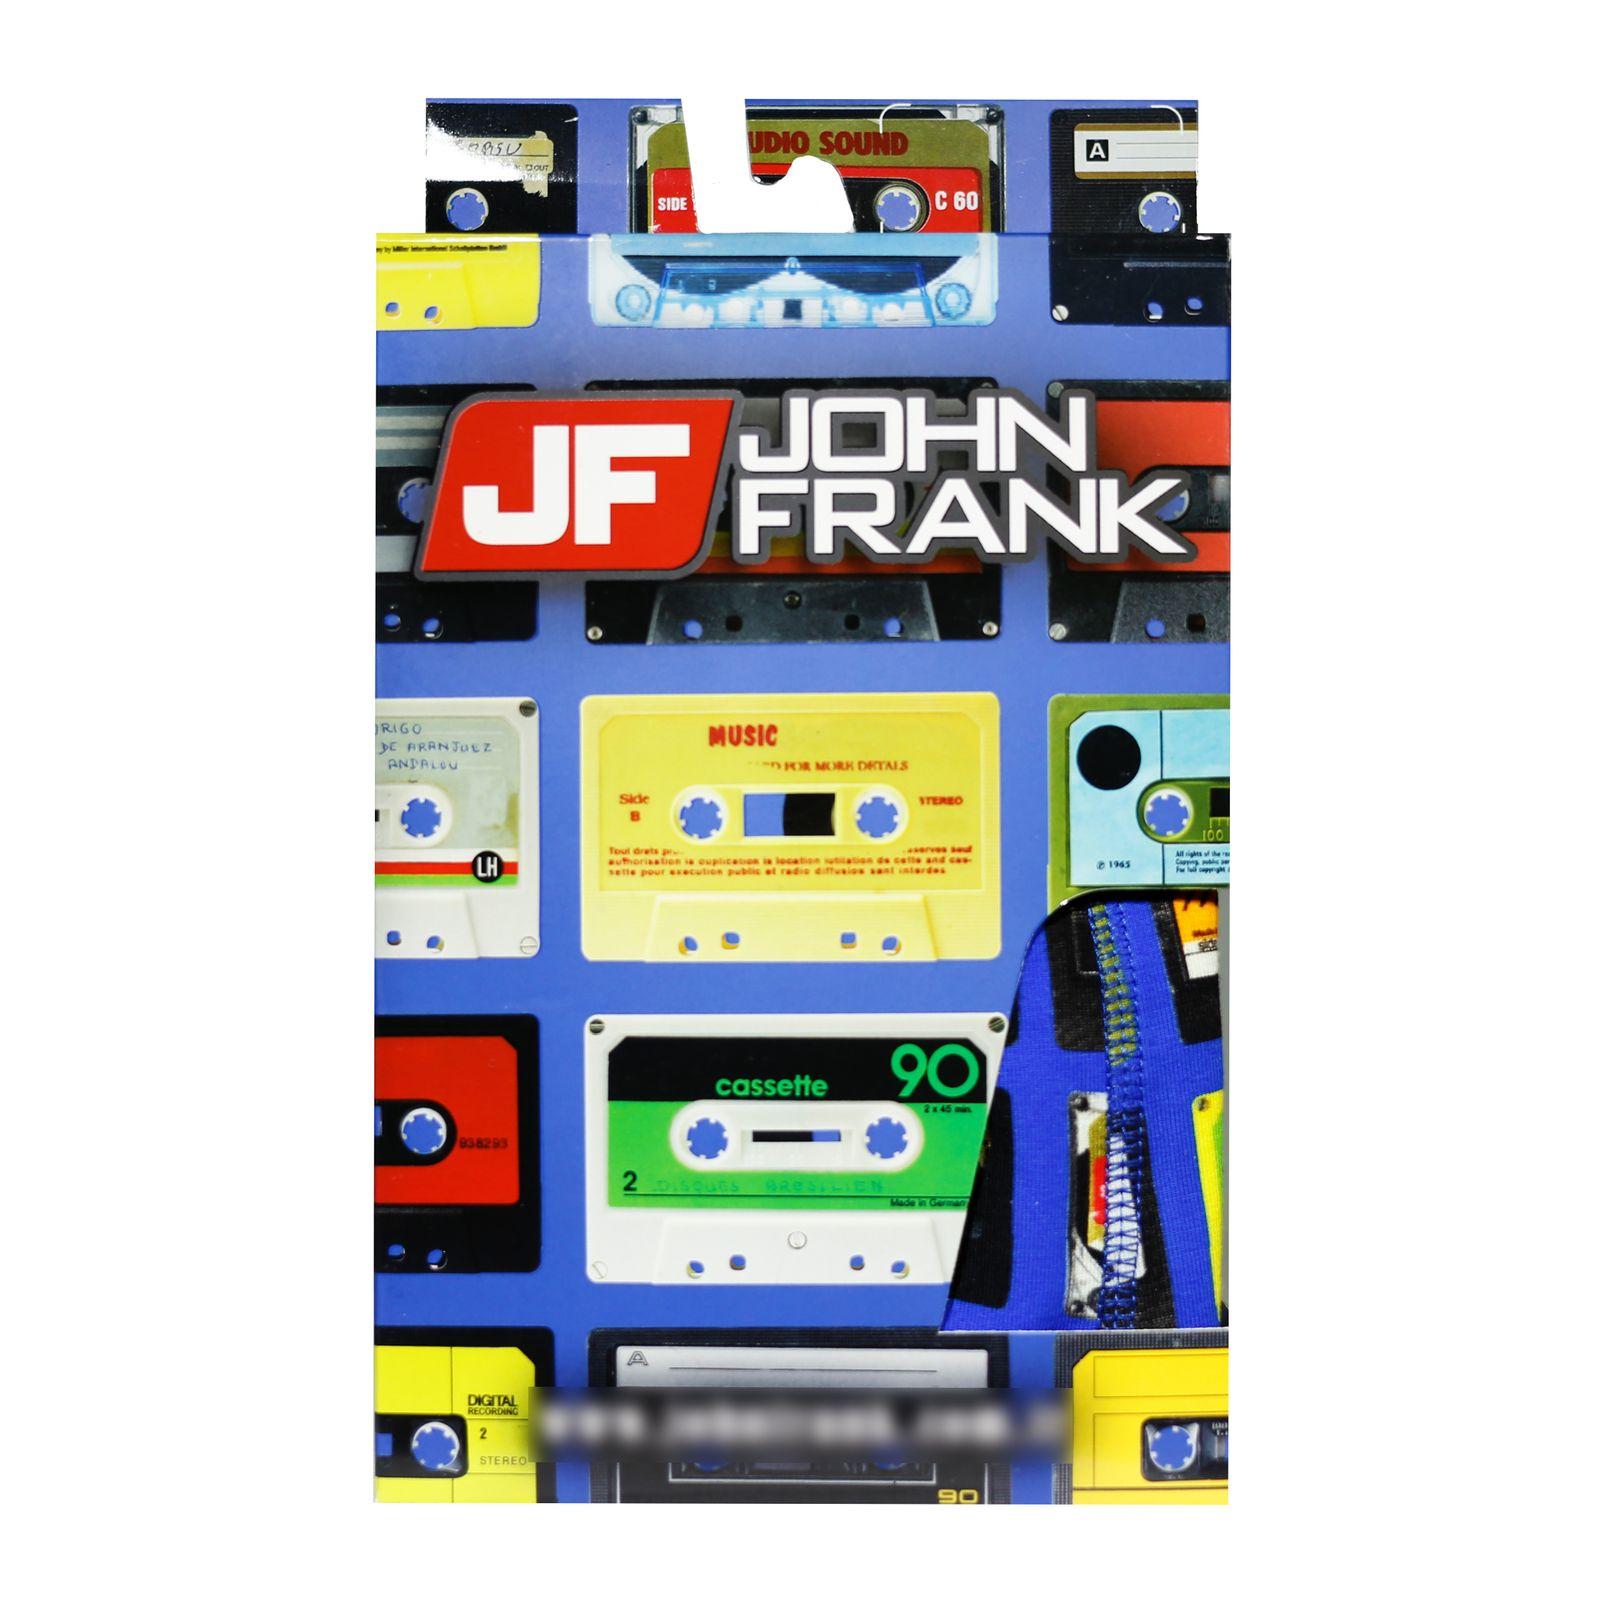 شورت مردانه جان فرانک کد BL-JB 103 -  - 5